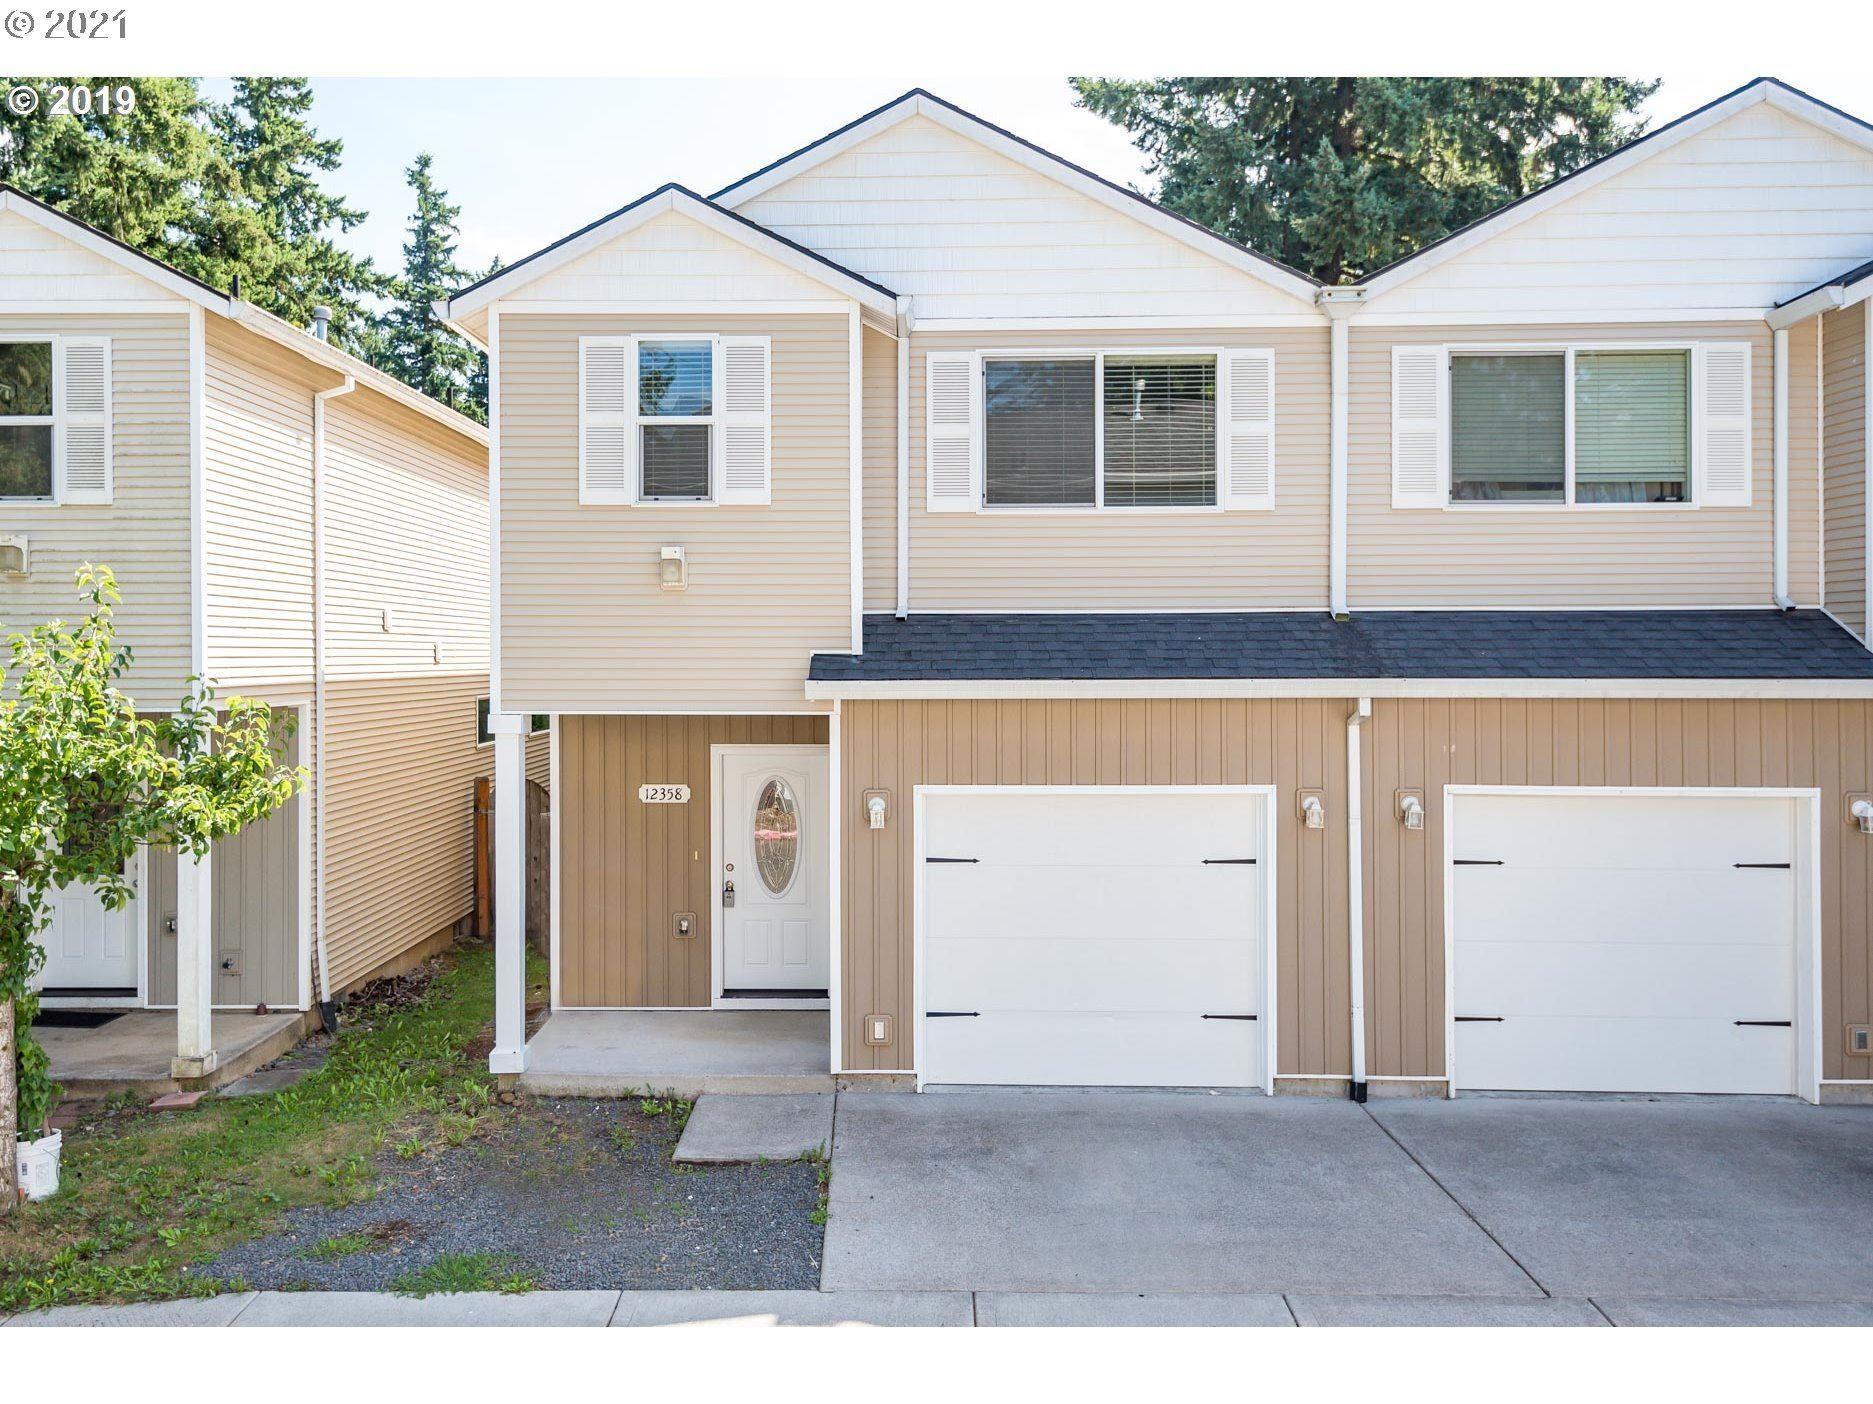 12358 SE HOLGATE BLVD, Portland, OR 97236 - MLS#: 21242500